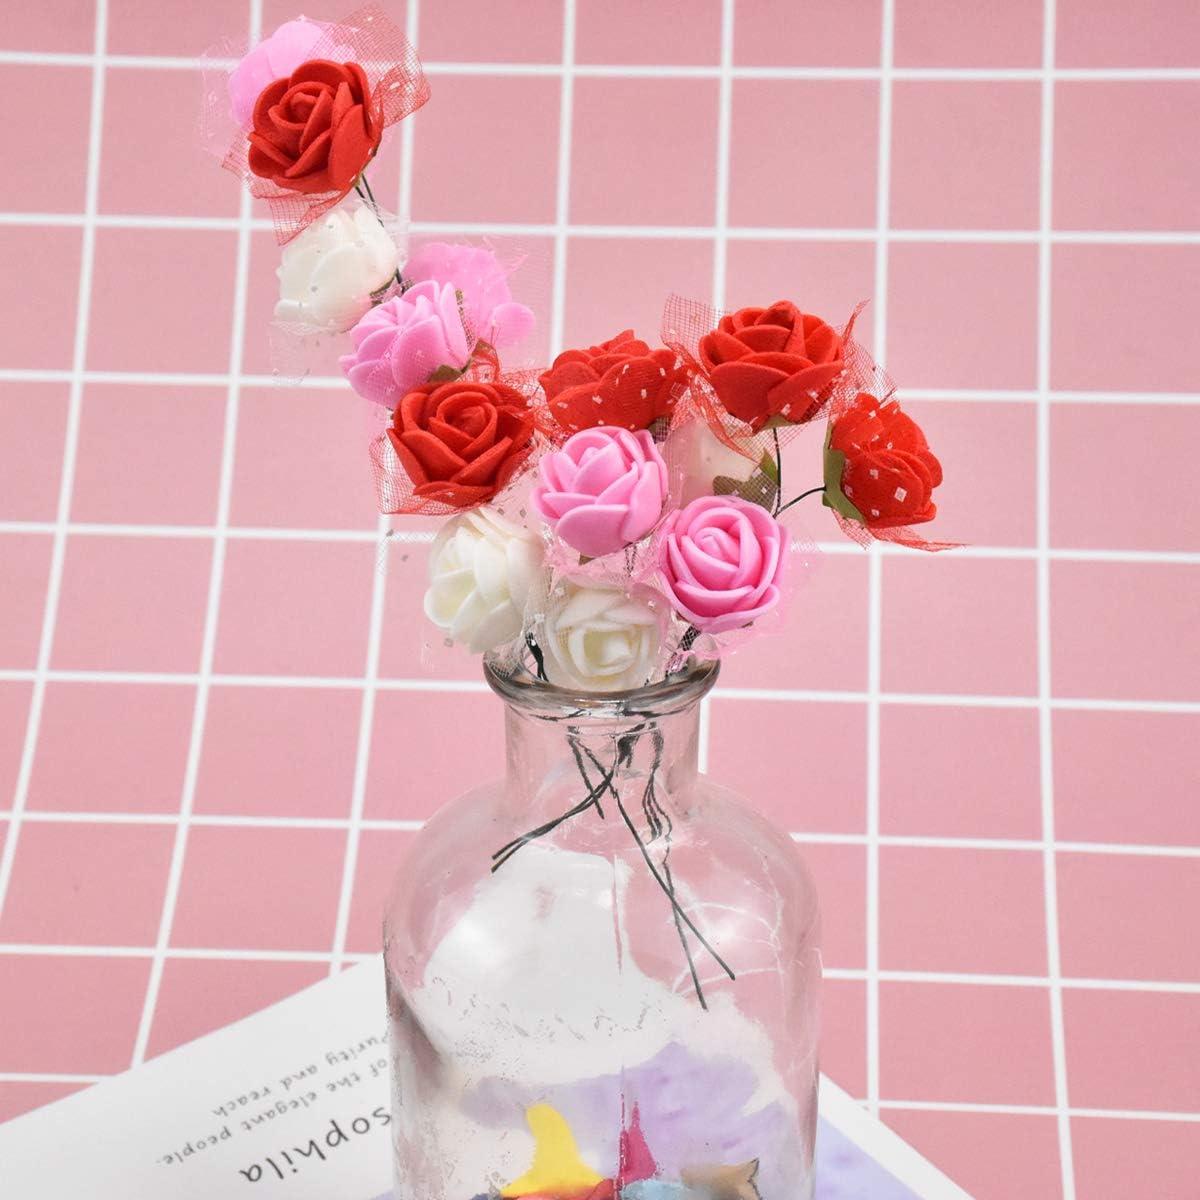 K/ünstliche Foam Blumen mit Stiel 144 St/ücke St/ück Schaumrosen 2cm Foamrosen Schaum Blumenk/öpfe Kunstblume Rosenstrau/ß f/ür Hochzeit DIY Basteln Spielzeuge Kunstblumen Elfenbein